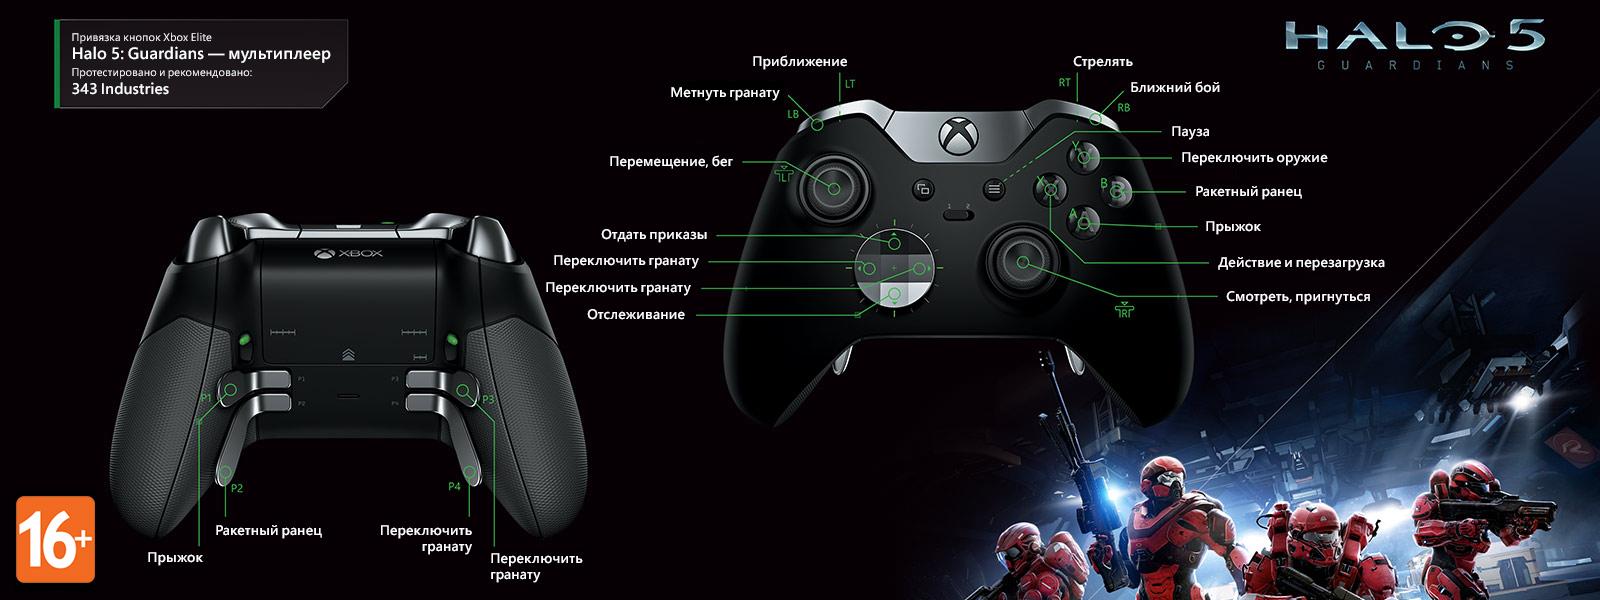 Halo 5: Guardians — раскладка для мультиплеера под геймпад Elite